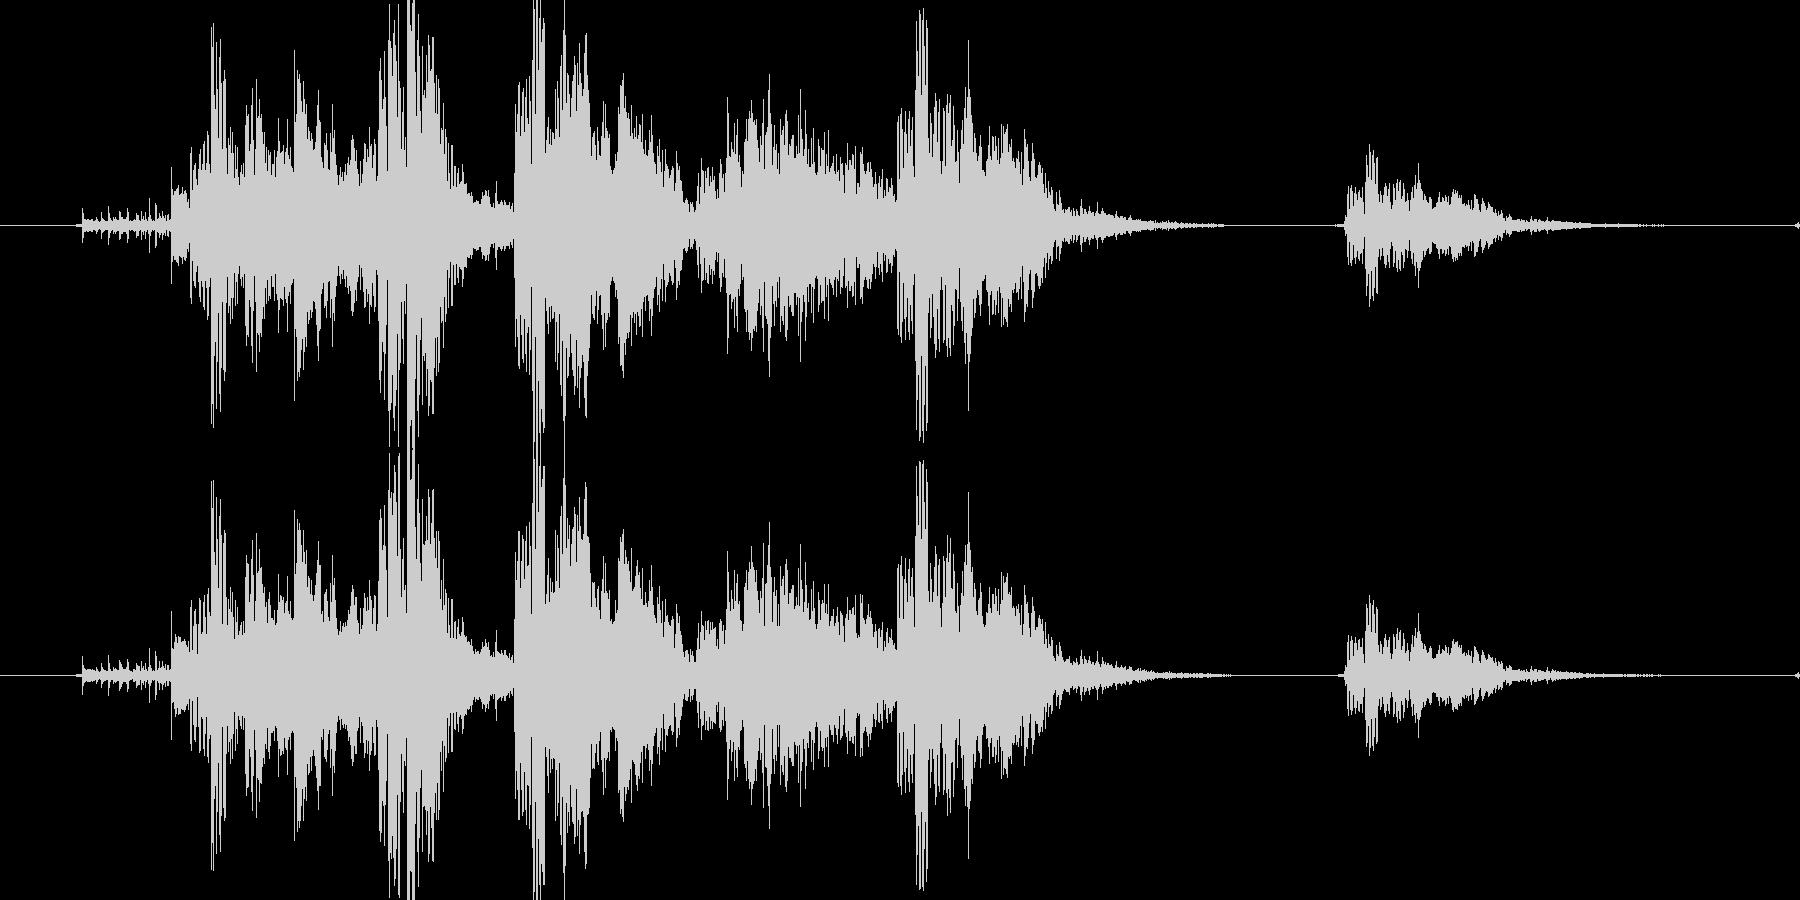 リセット音5(ゲヴァゲヴァシャッシャッ)の未再生の波形